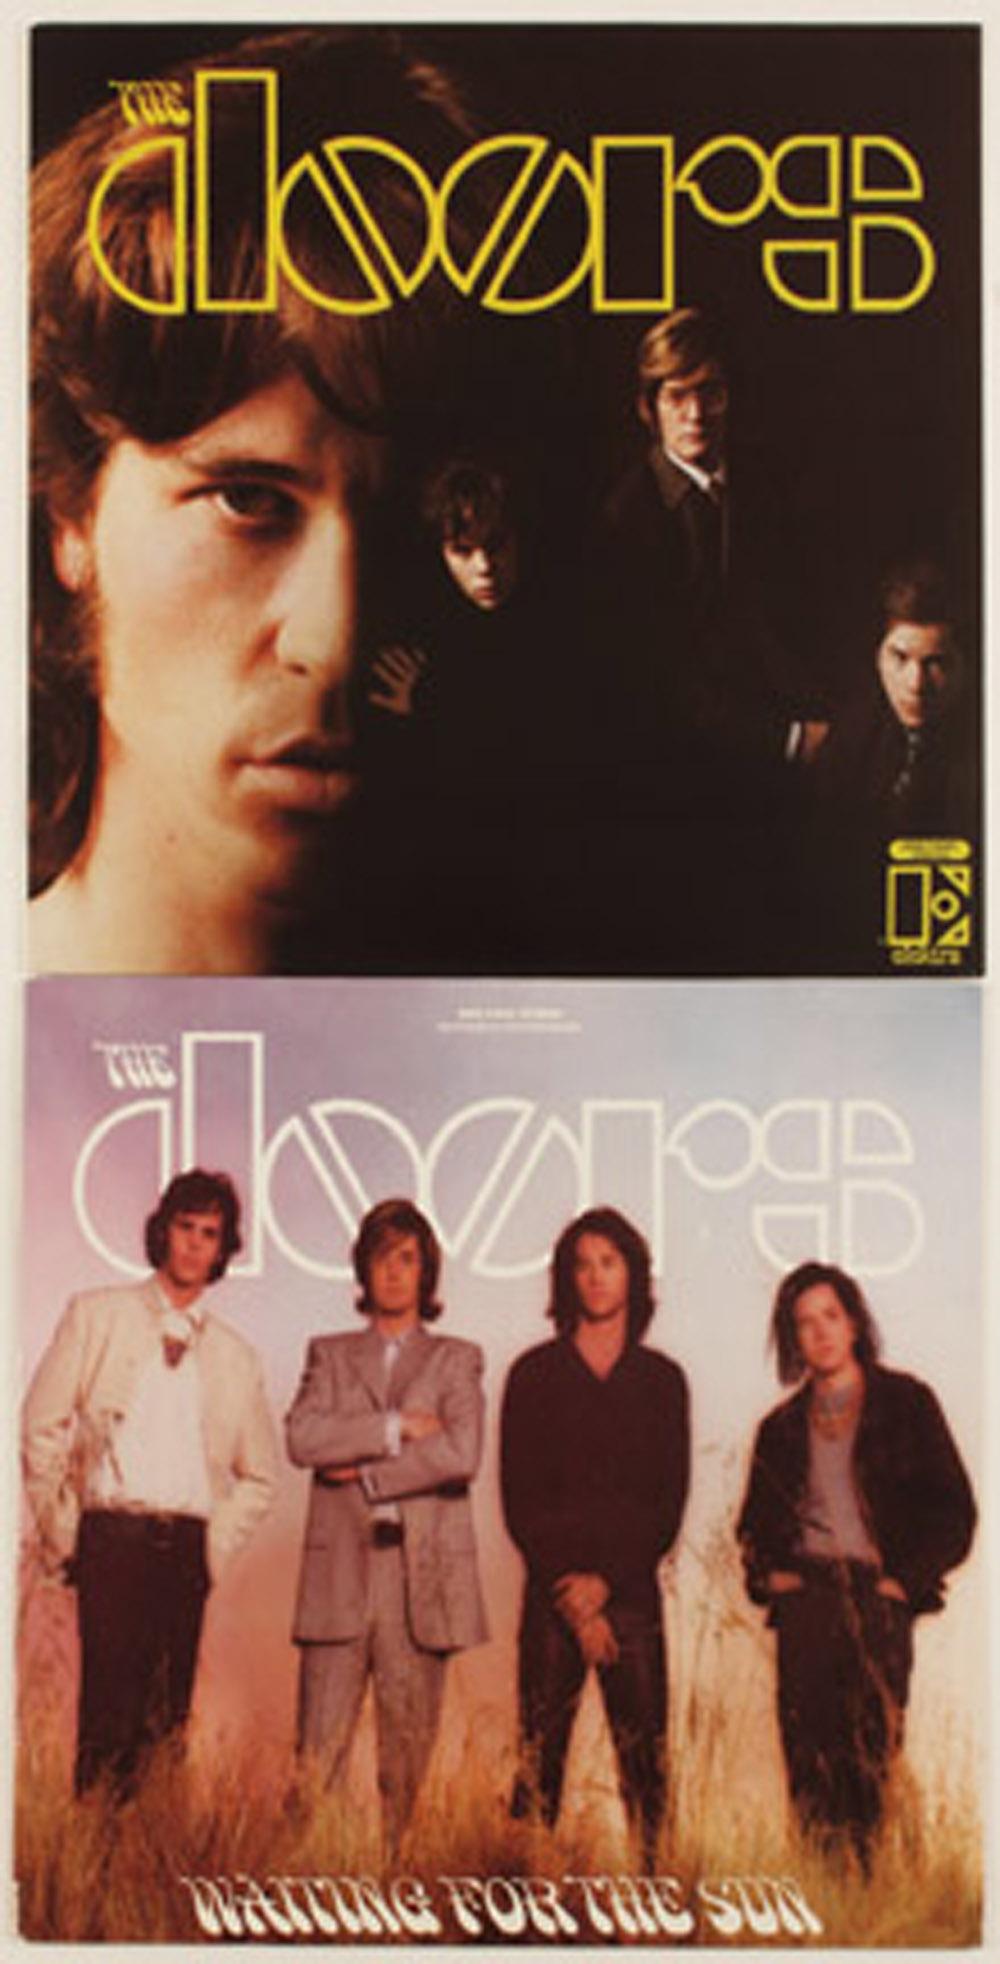 Oliver Stoneu0027s Doors movie album cover props  sc 1 st  The Freedom Man & Oliver Stoneu0027s Doors movie album cover props - THE DOORS FORUM at ...